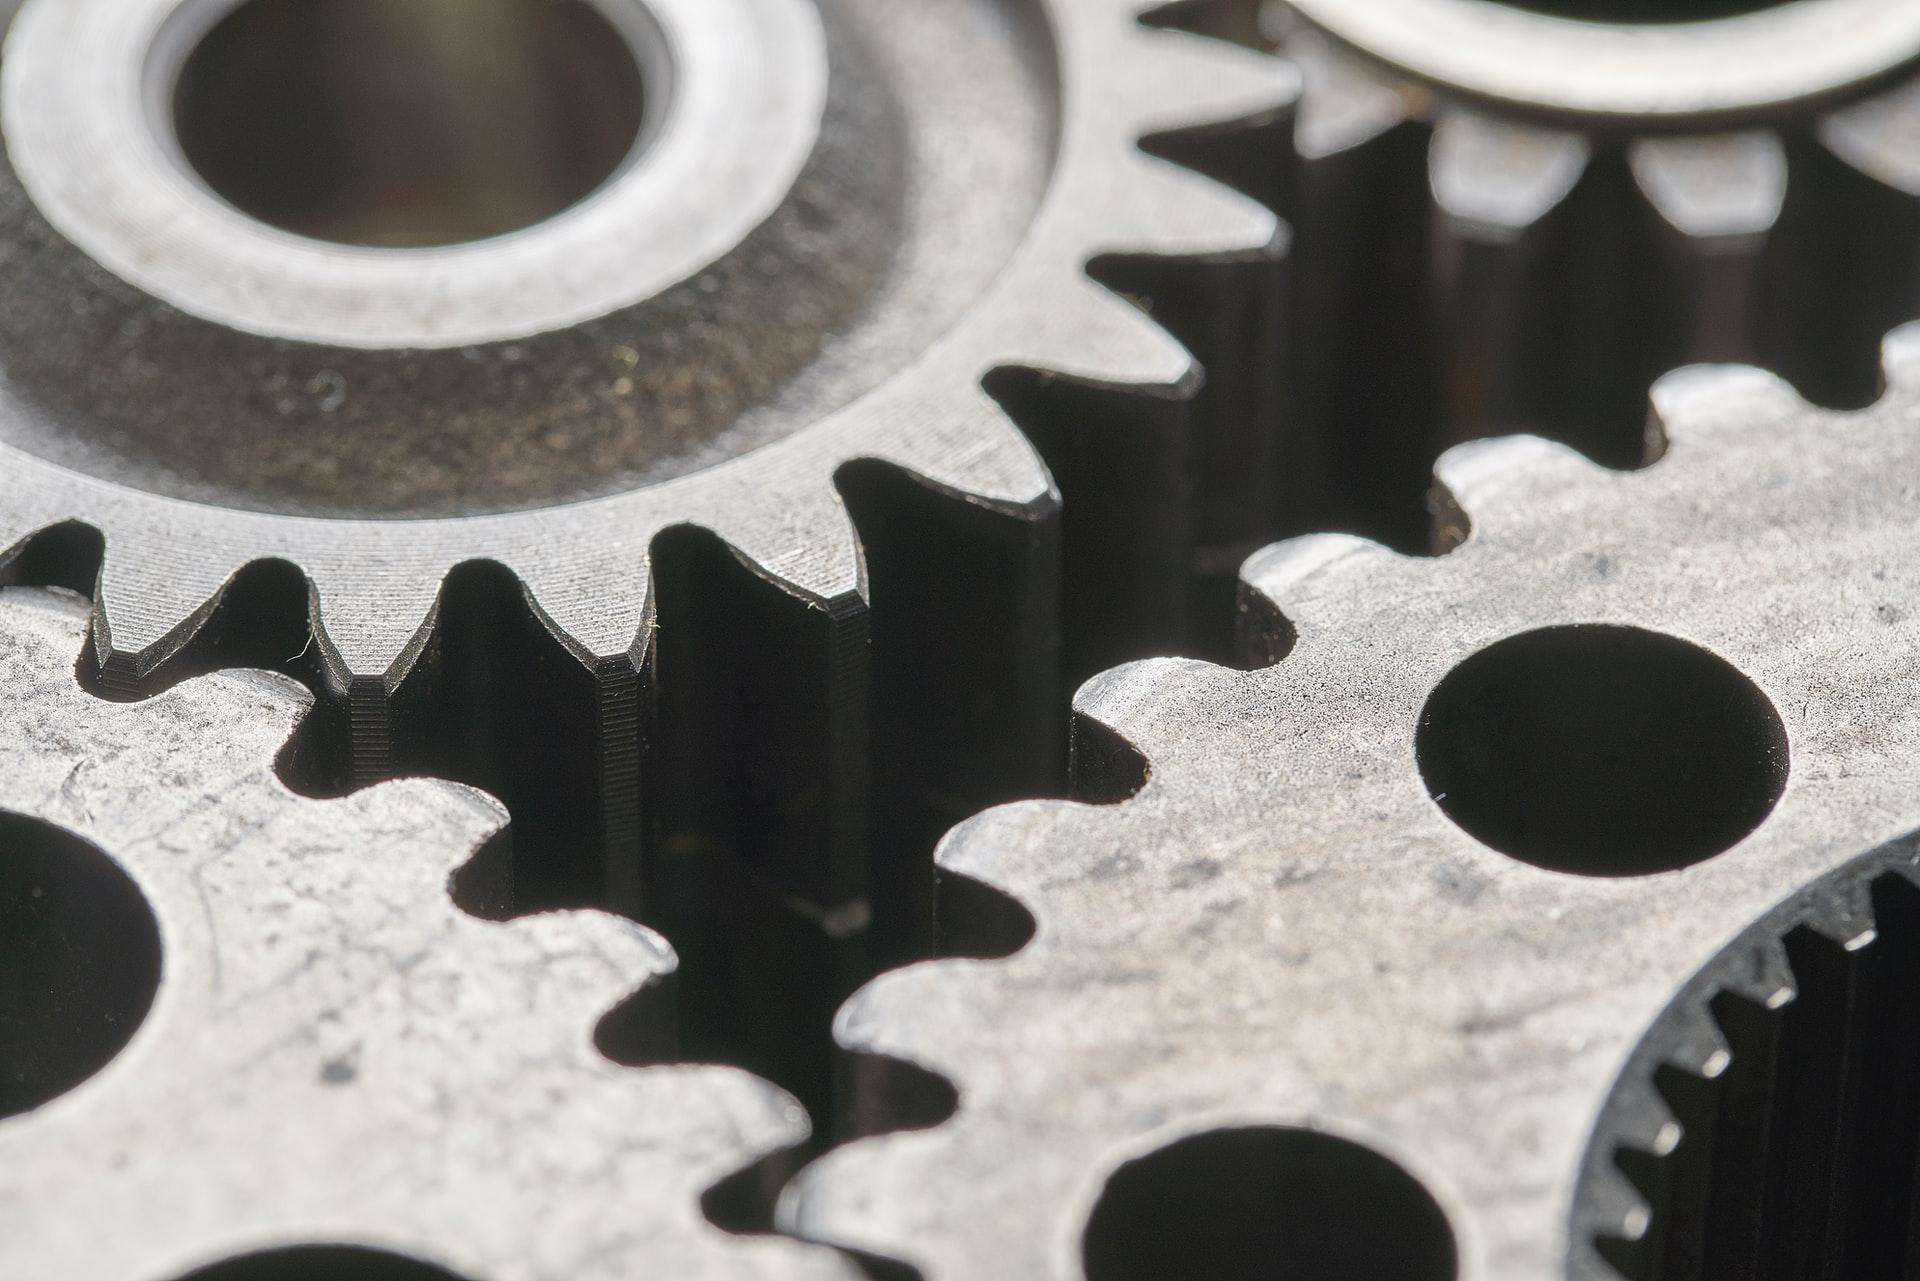 Tekort aan onderdelen staat herstel industrie in de weg